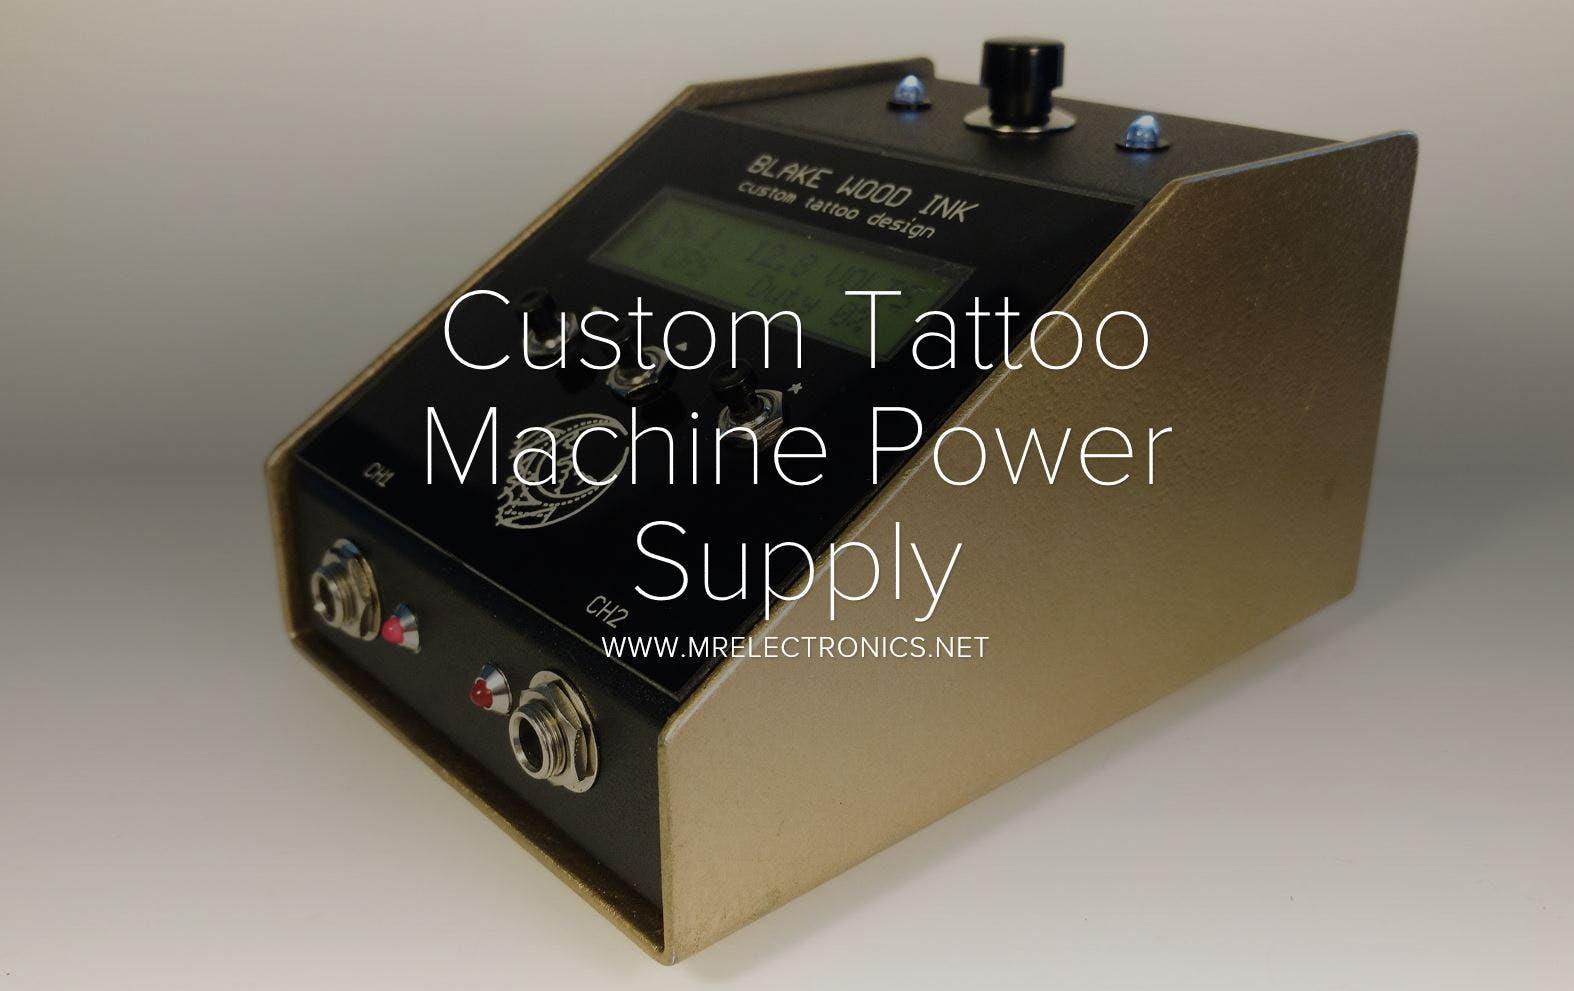 Tattoo machine power supply hunvgxbrub